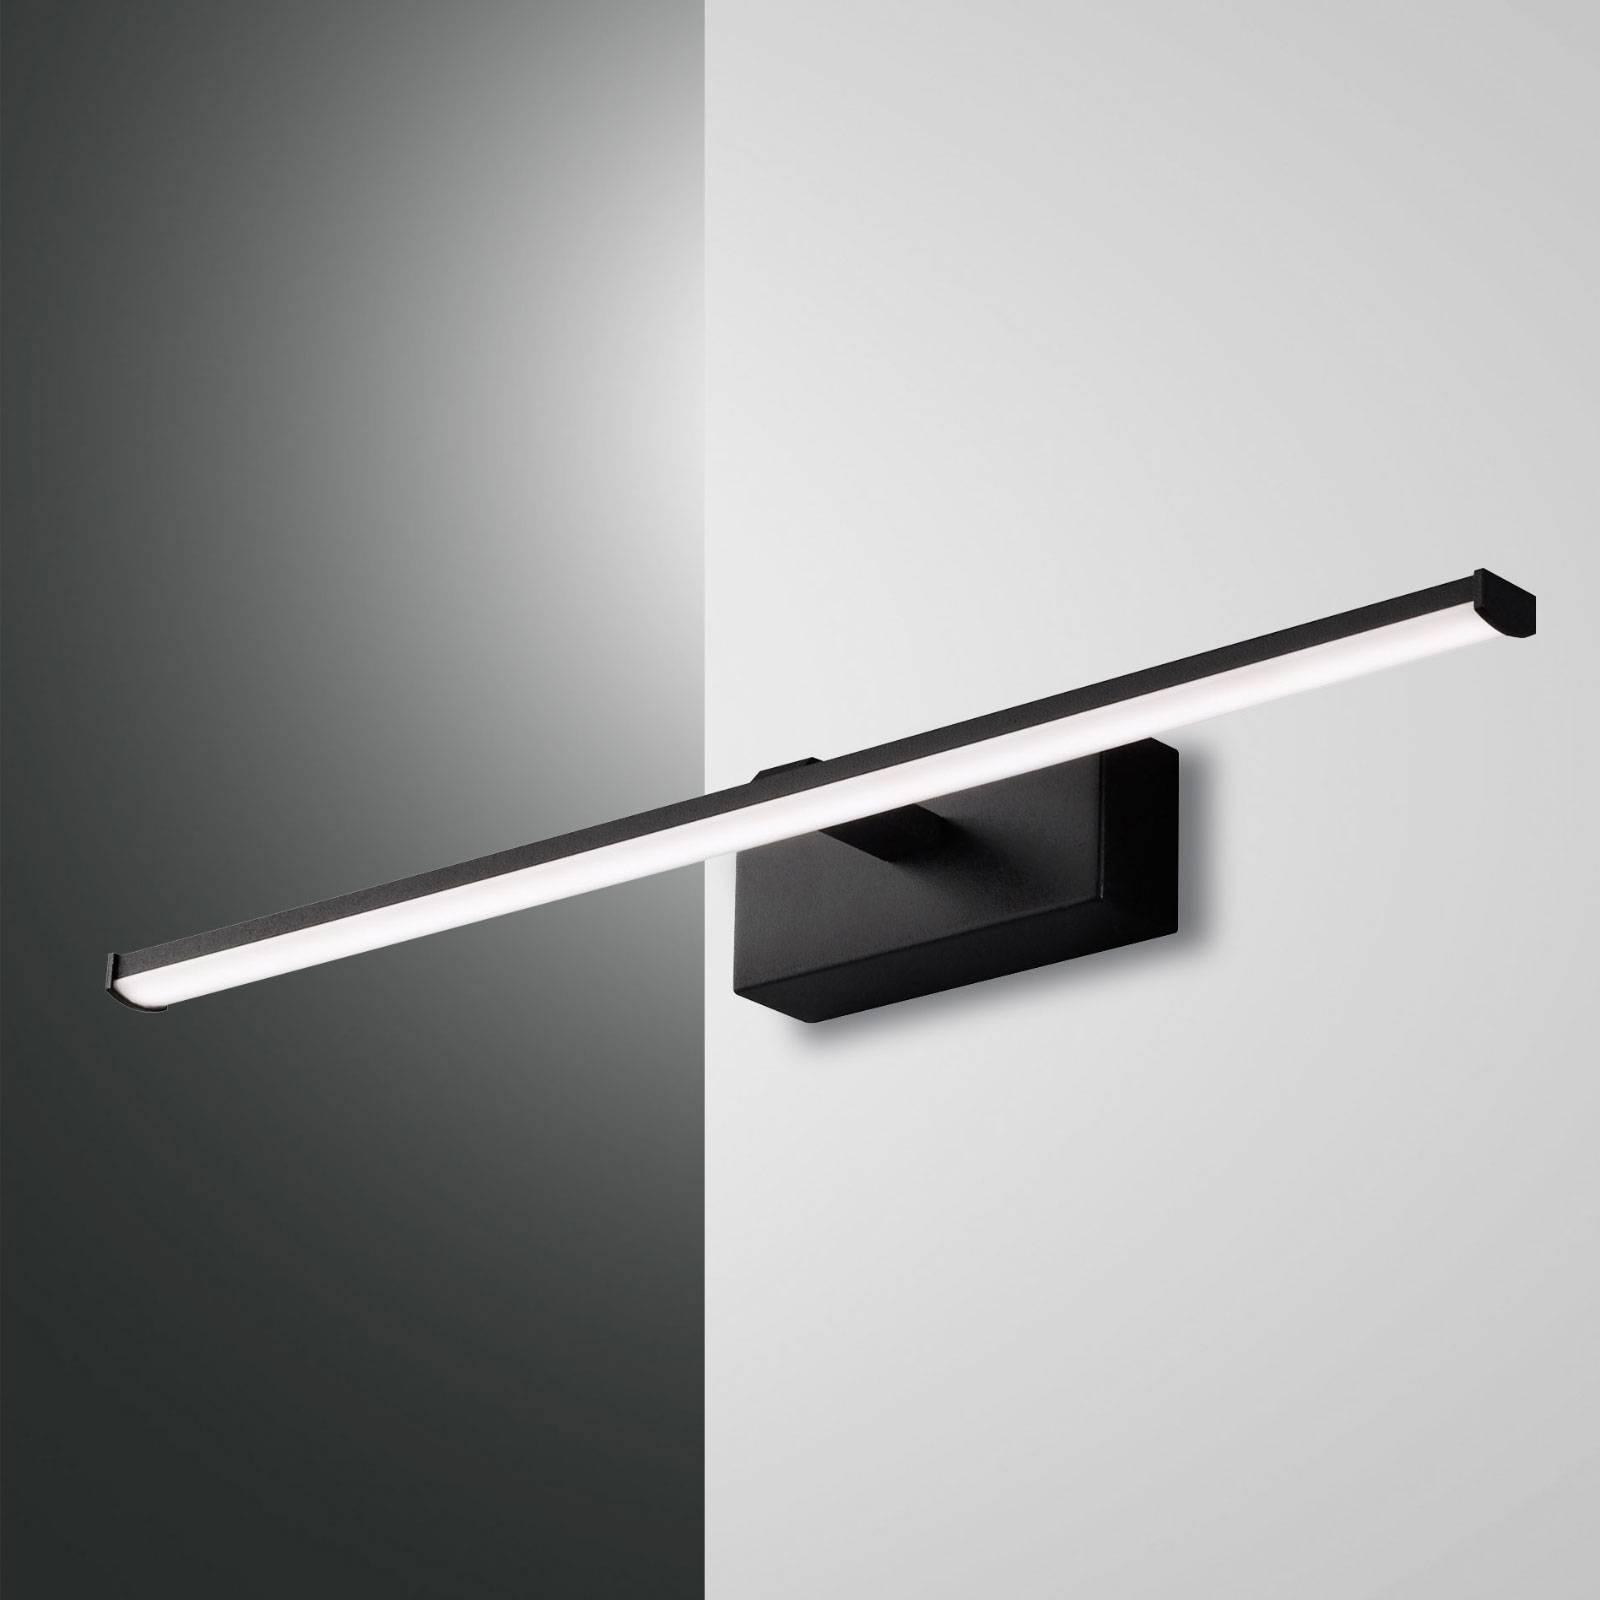 LED-seinävalaisin Nala, musta, leveys 50 cm